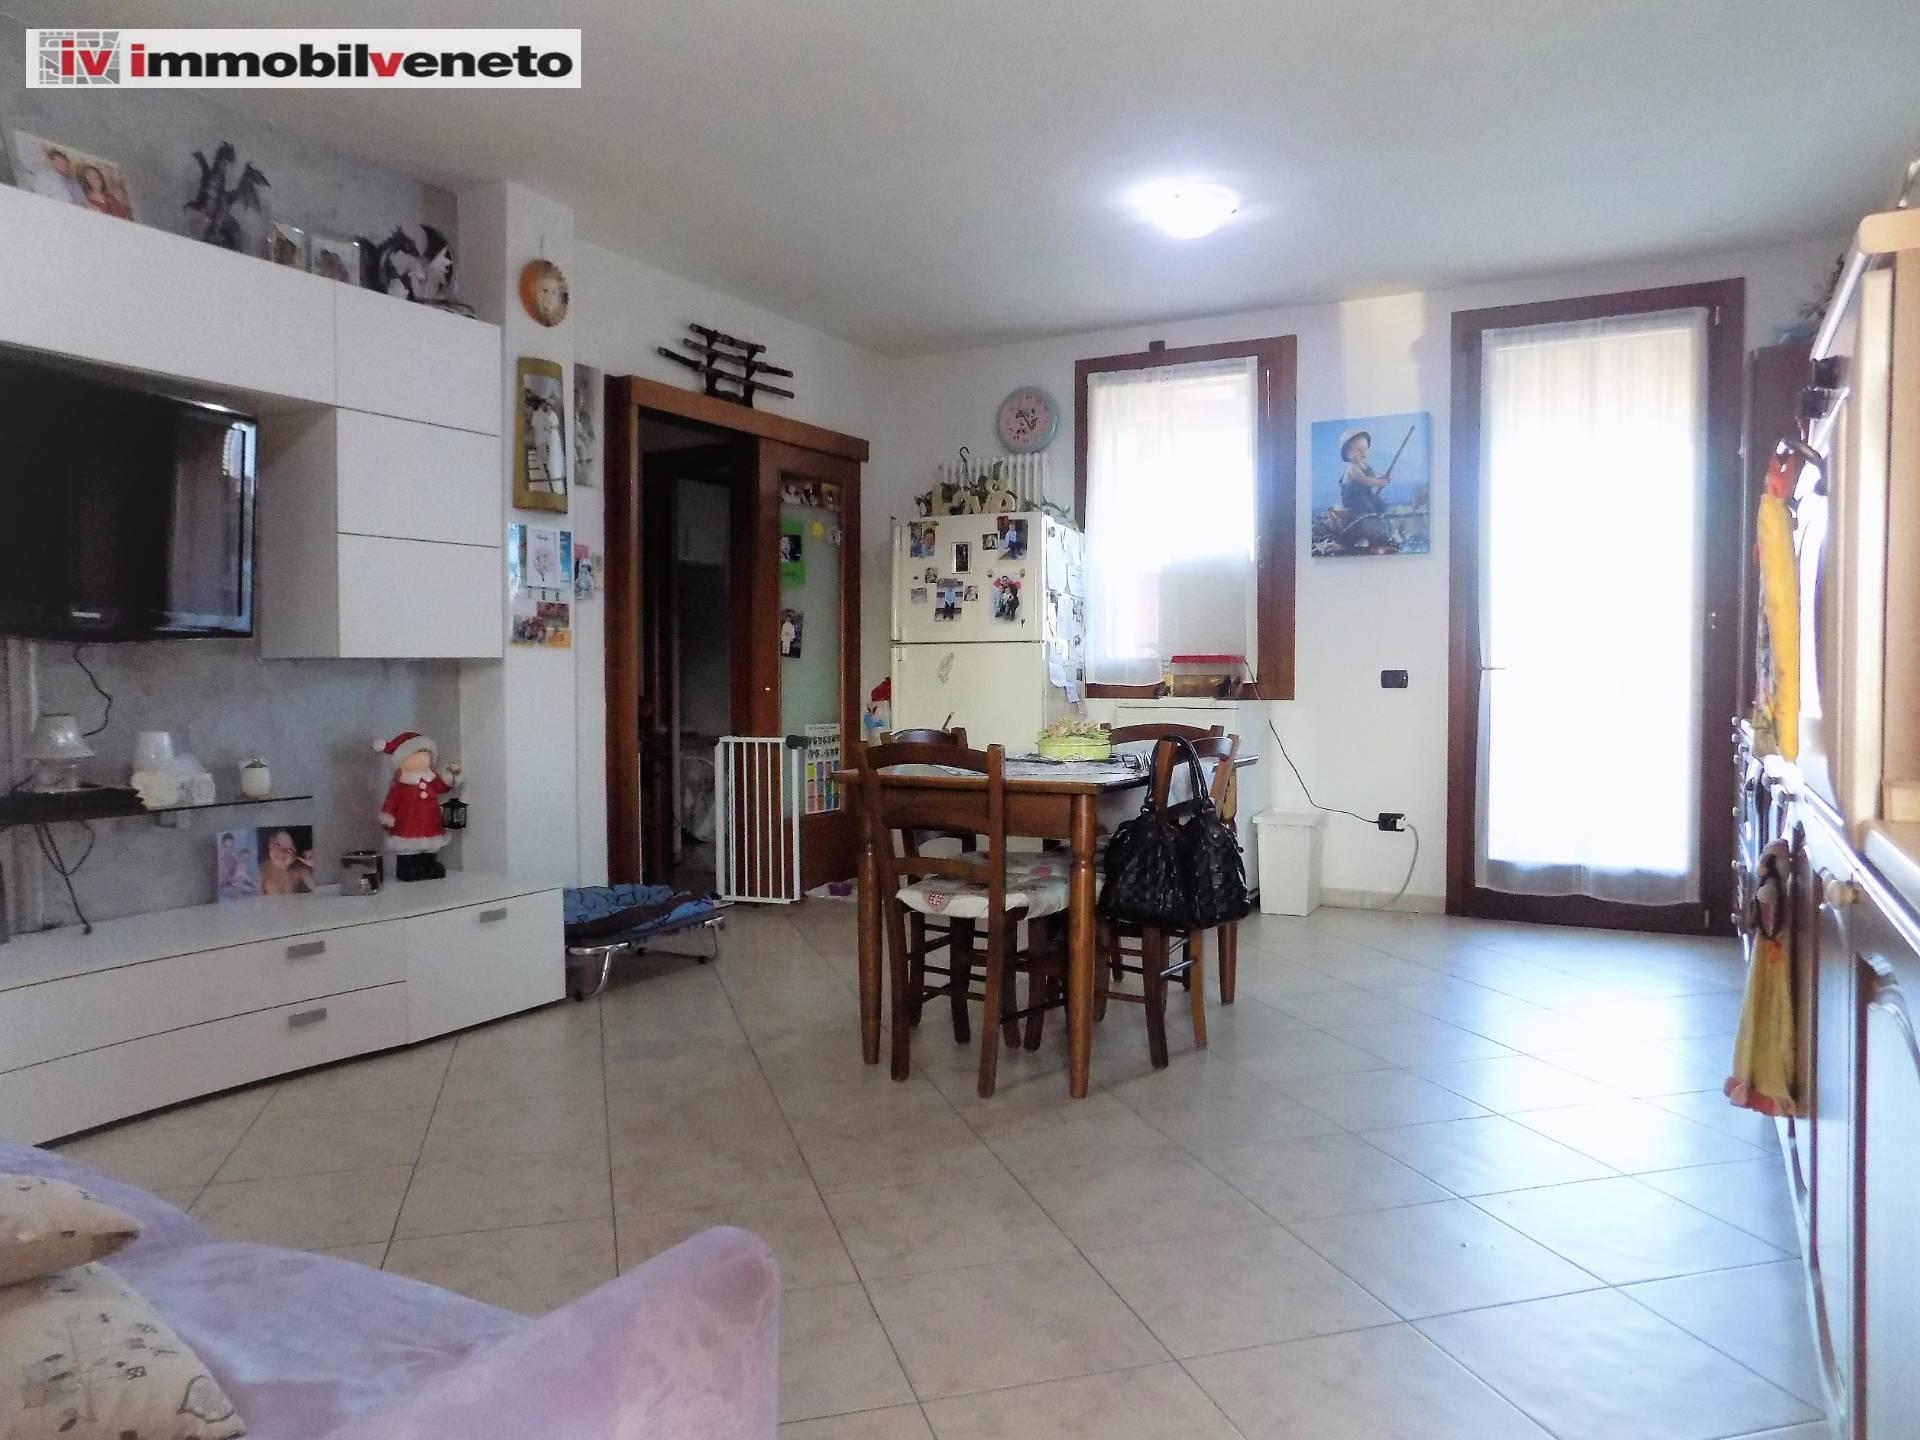 Appartamento in vendita a Lonigo, 5 locali, zona sano, prezzo € 100.000 | PortaleAgenzieImmobiliari.it